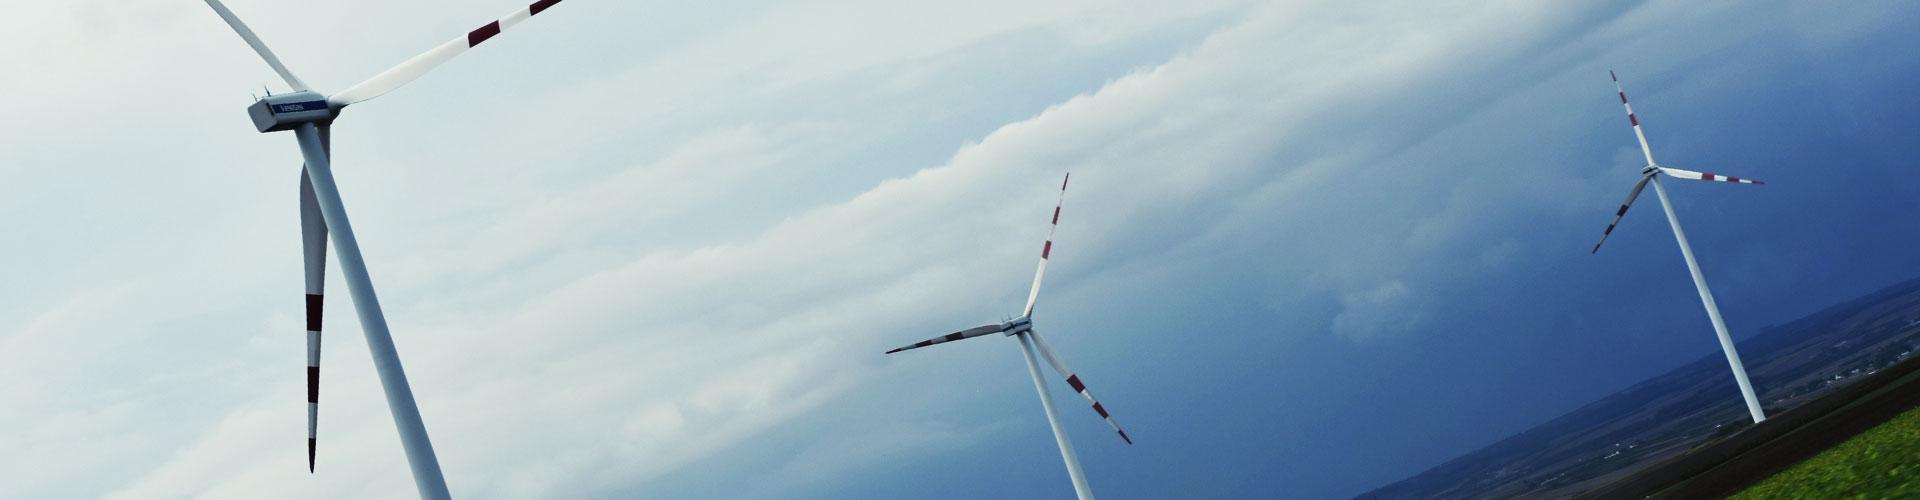 Aggiornamento per Installatore e Manutentore Straordinario di Tecnologie Energetiche alimentate da fonti rinnovabili 2